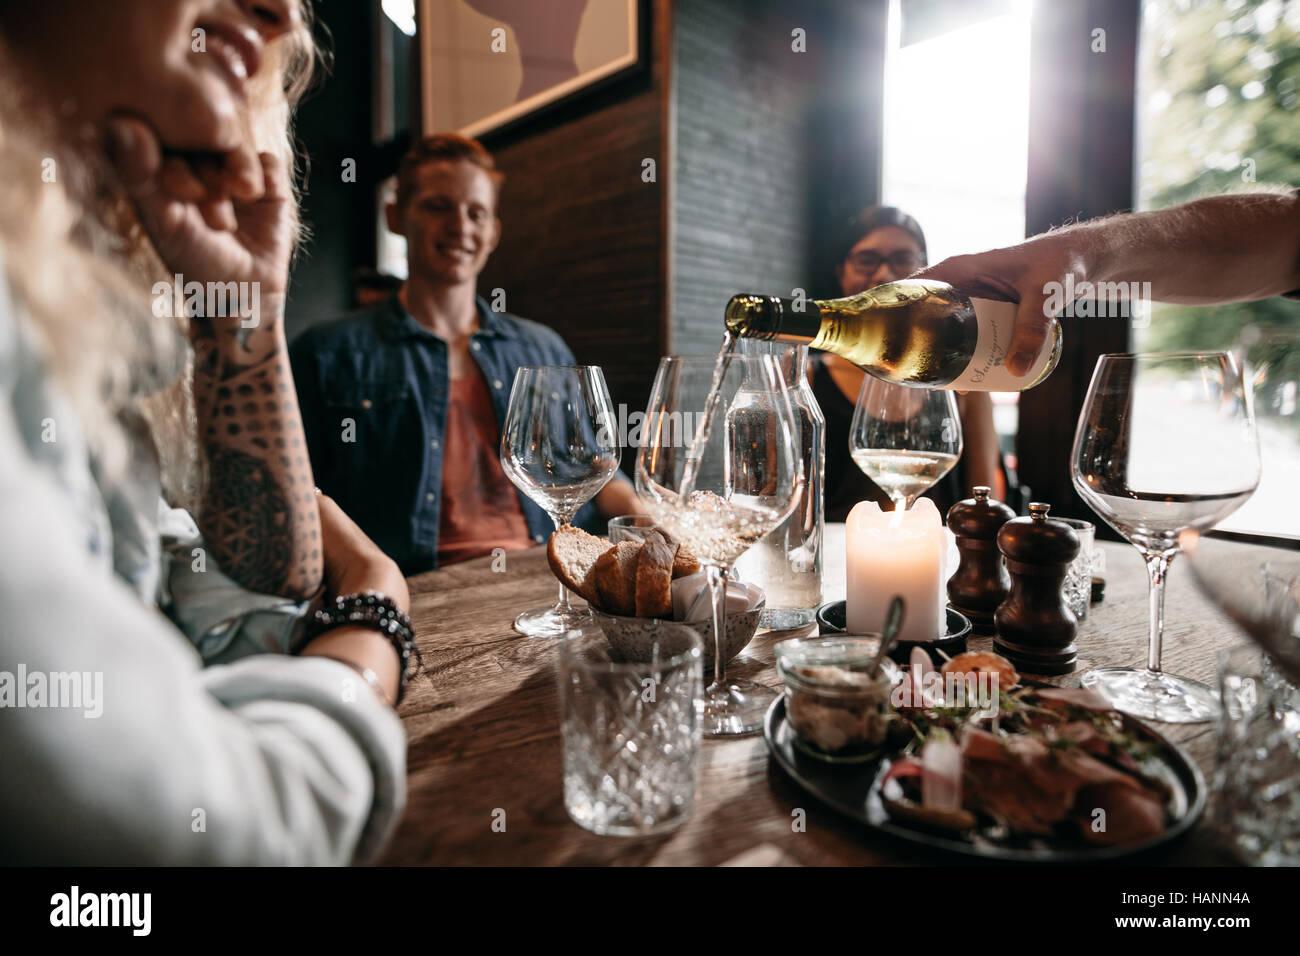 Man mano versando il vino bianco dalla bottiglia in bicchieri con gli amici seduti attorno al tavolo. Un gruppo Immagini Stock